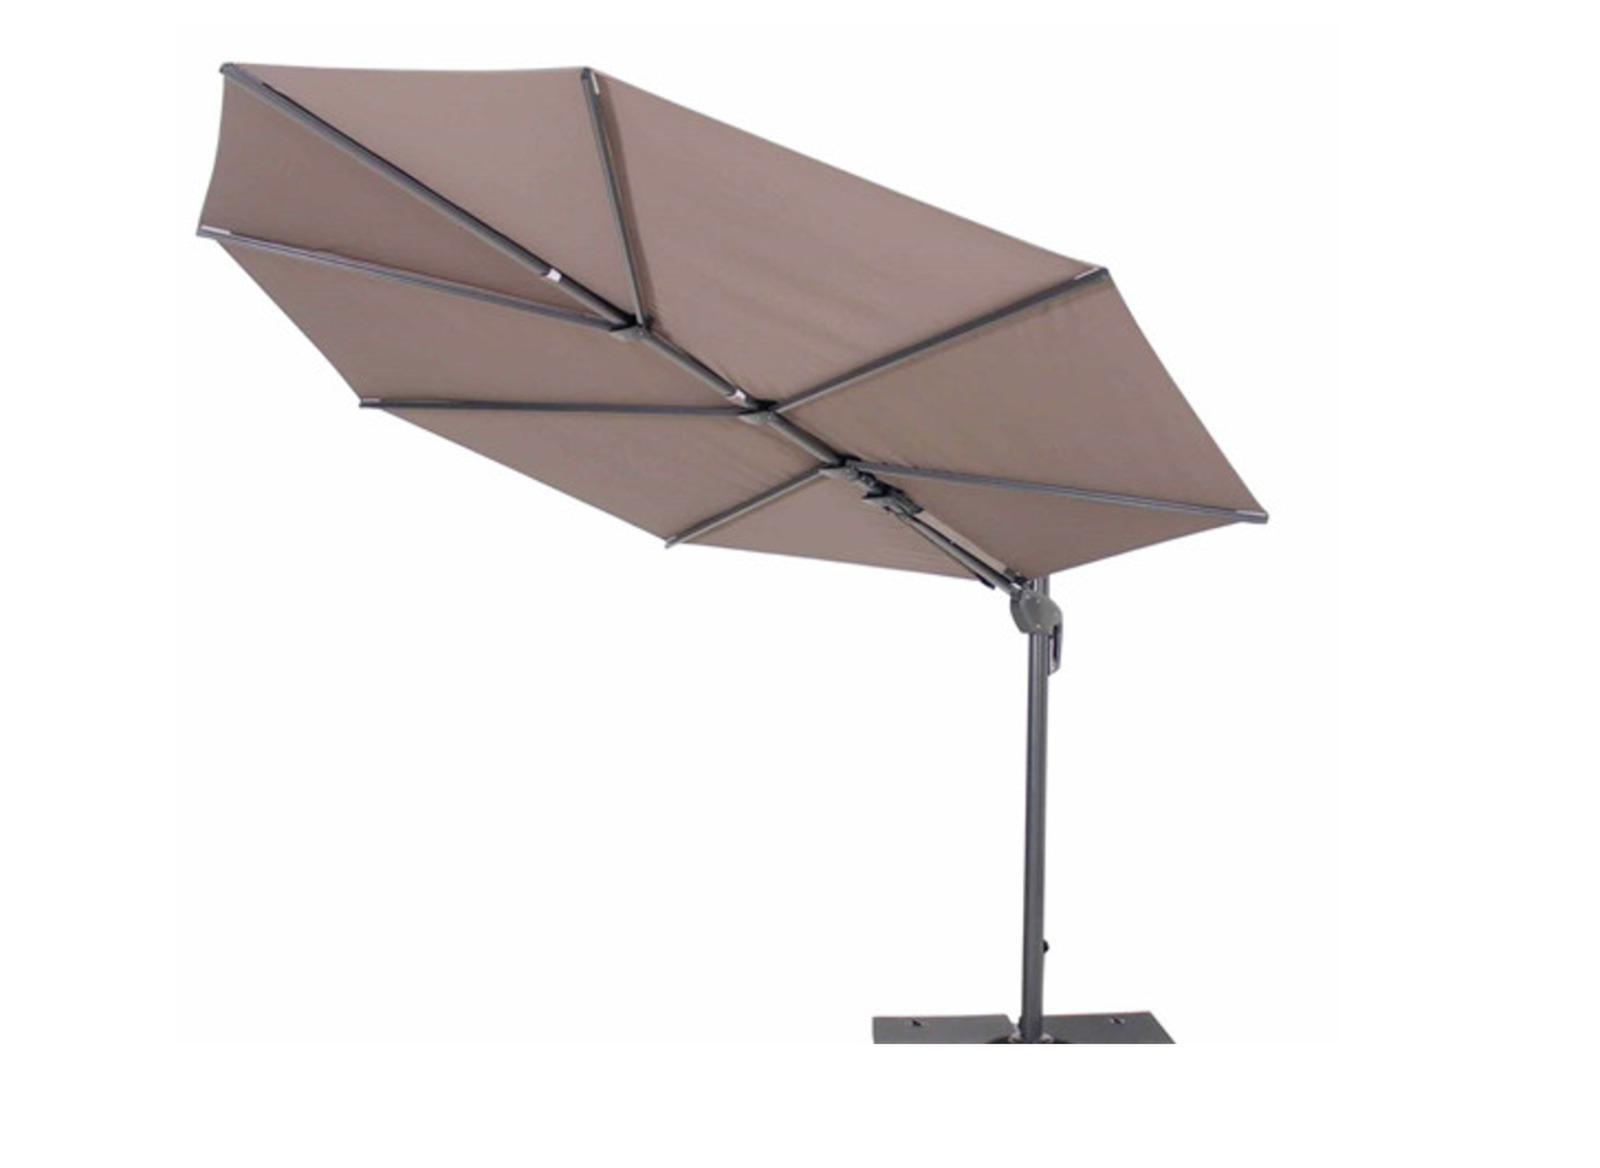 Parasol d port feuille luxe parasol d port pas cher - Soldes parasol deporte ...